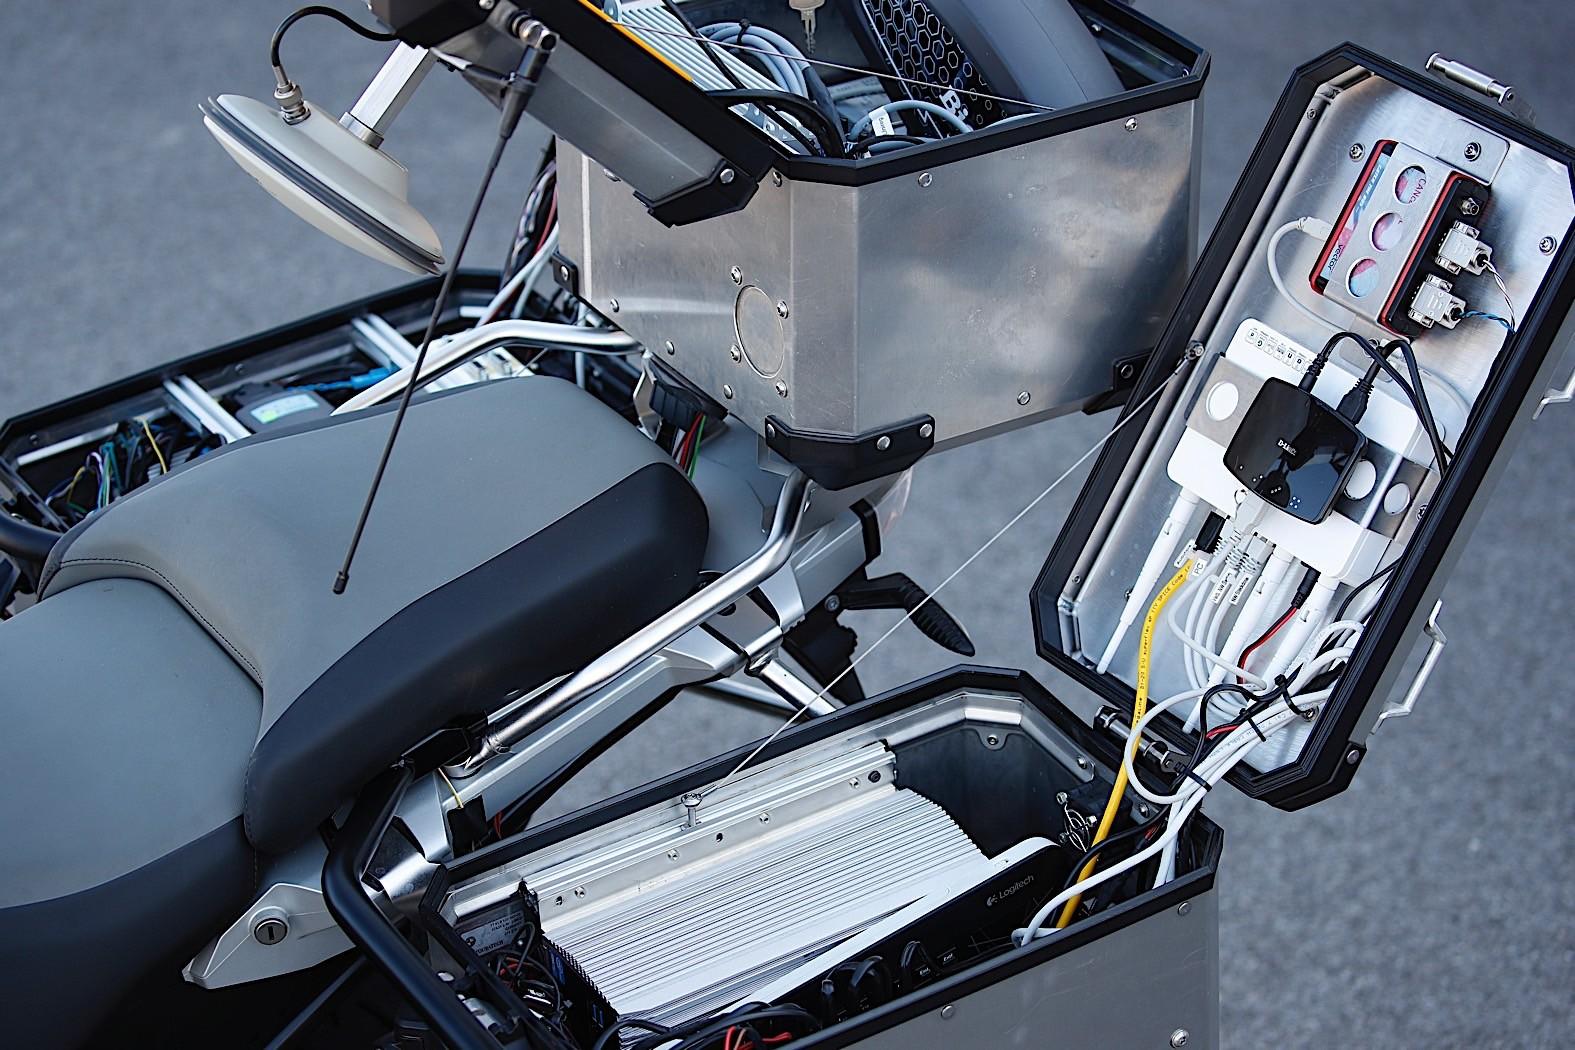 BMW Motorrad S 1000 RR Gets Autonomous Race Software for Foolish